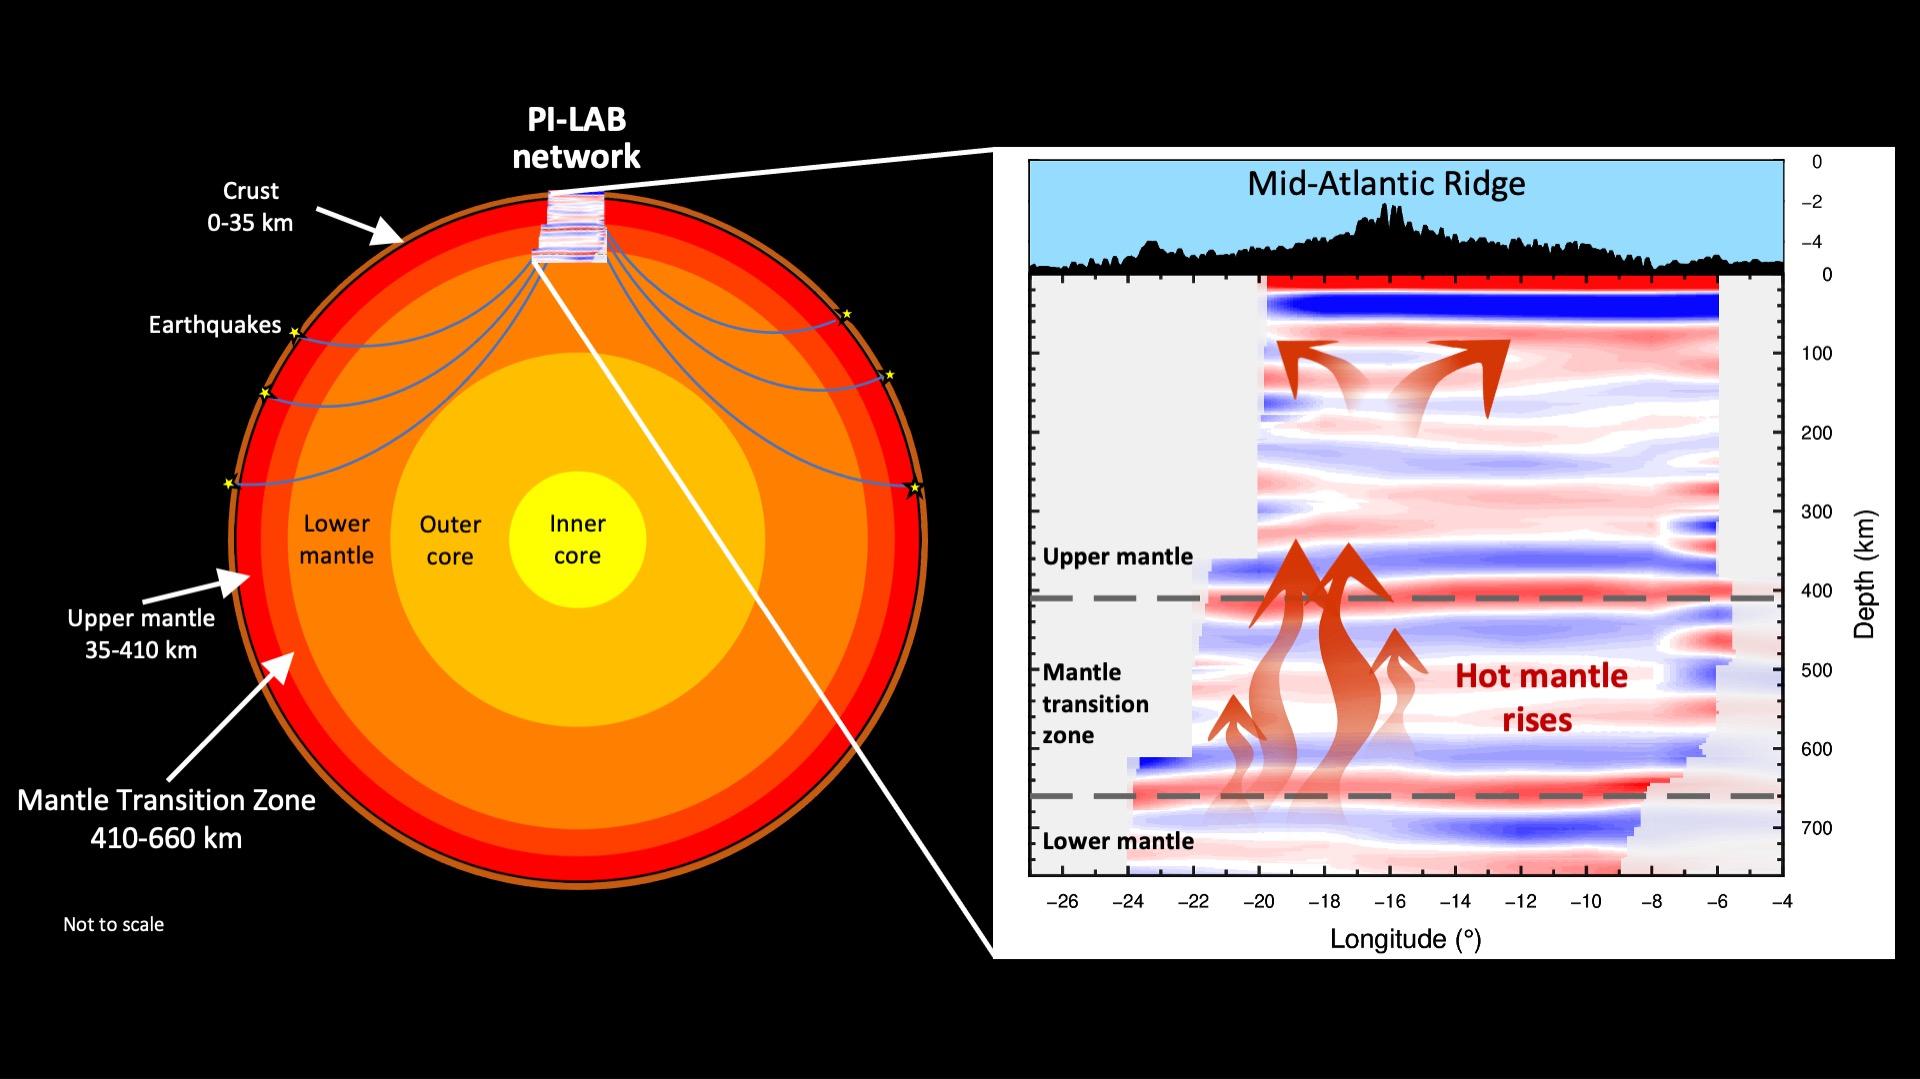 Les ondes sismiques des tremblements de terre voyagent profondément à l'intérieur de la Terre et sont enregistrées sur les sismomètres.  L'analyse de ces données a permis aux chercheurs d'imaginer l'intérieur de notre planète et de constater que la zone de transition du manteau était plus mince que la moyenne.  Cela suggère qu'il fait plus chaud que la moyenne, ce qui incite probablement le matériau à se déplacer du manteau inférieur au manteau supérieur et à pousser sur les plaques tectoniques au-dessus.